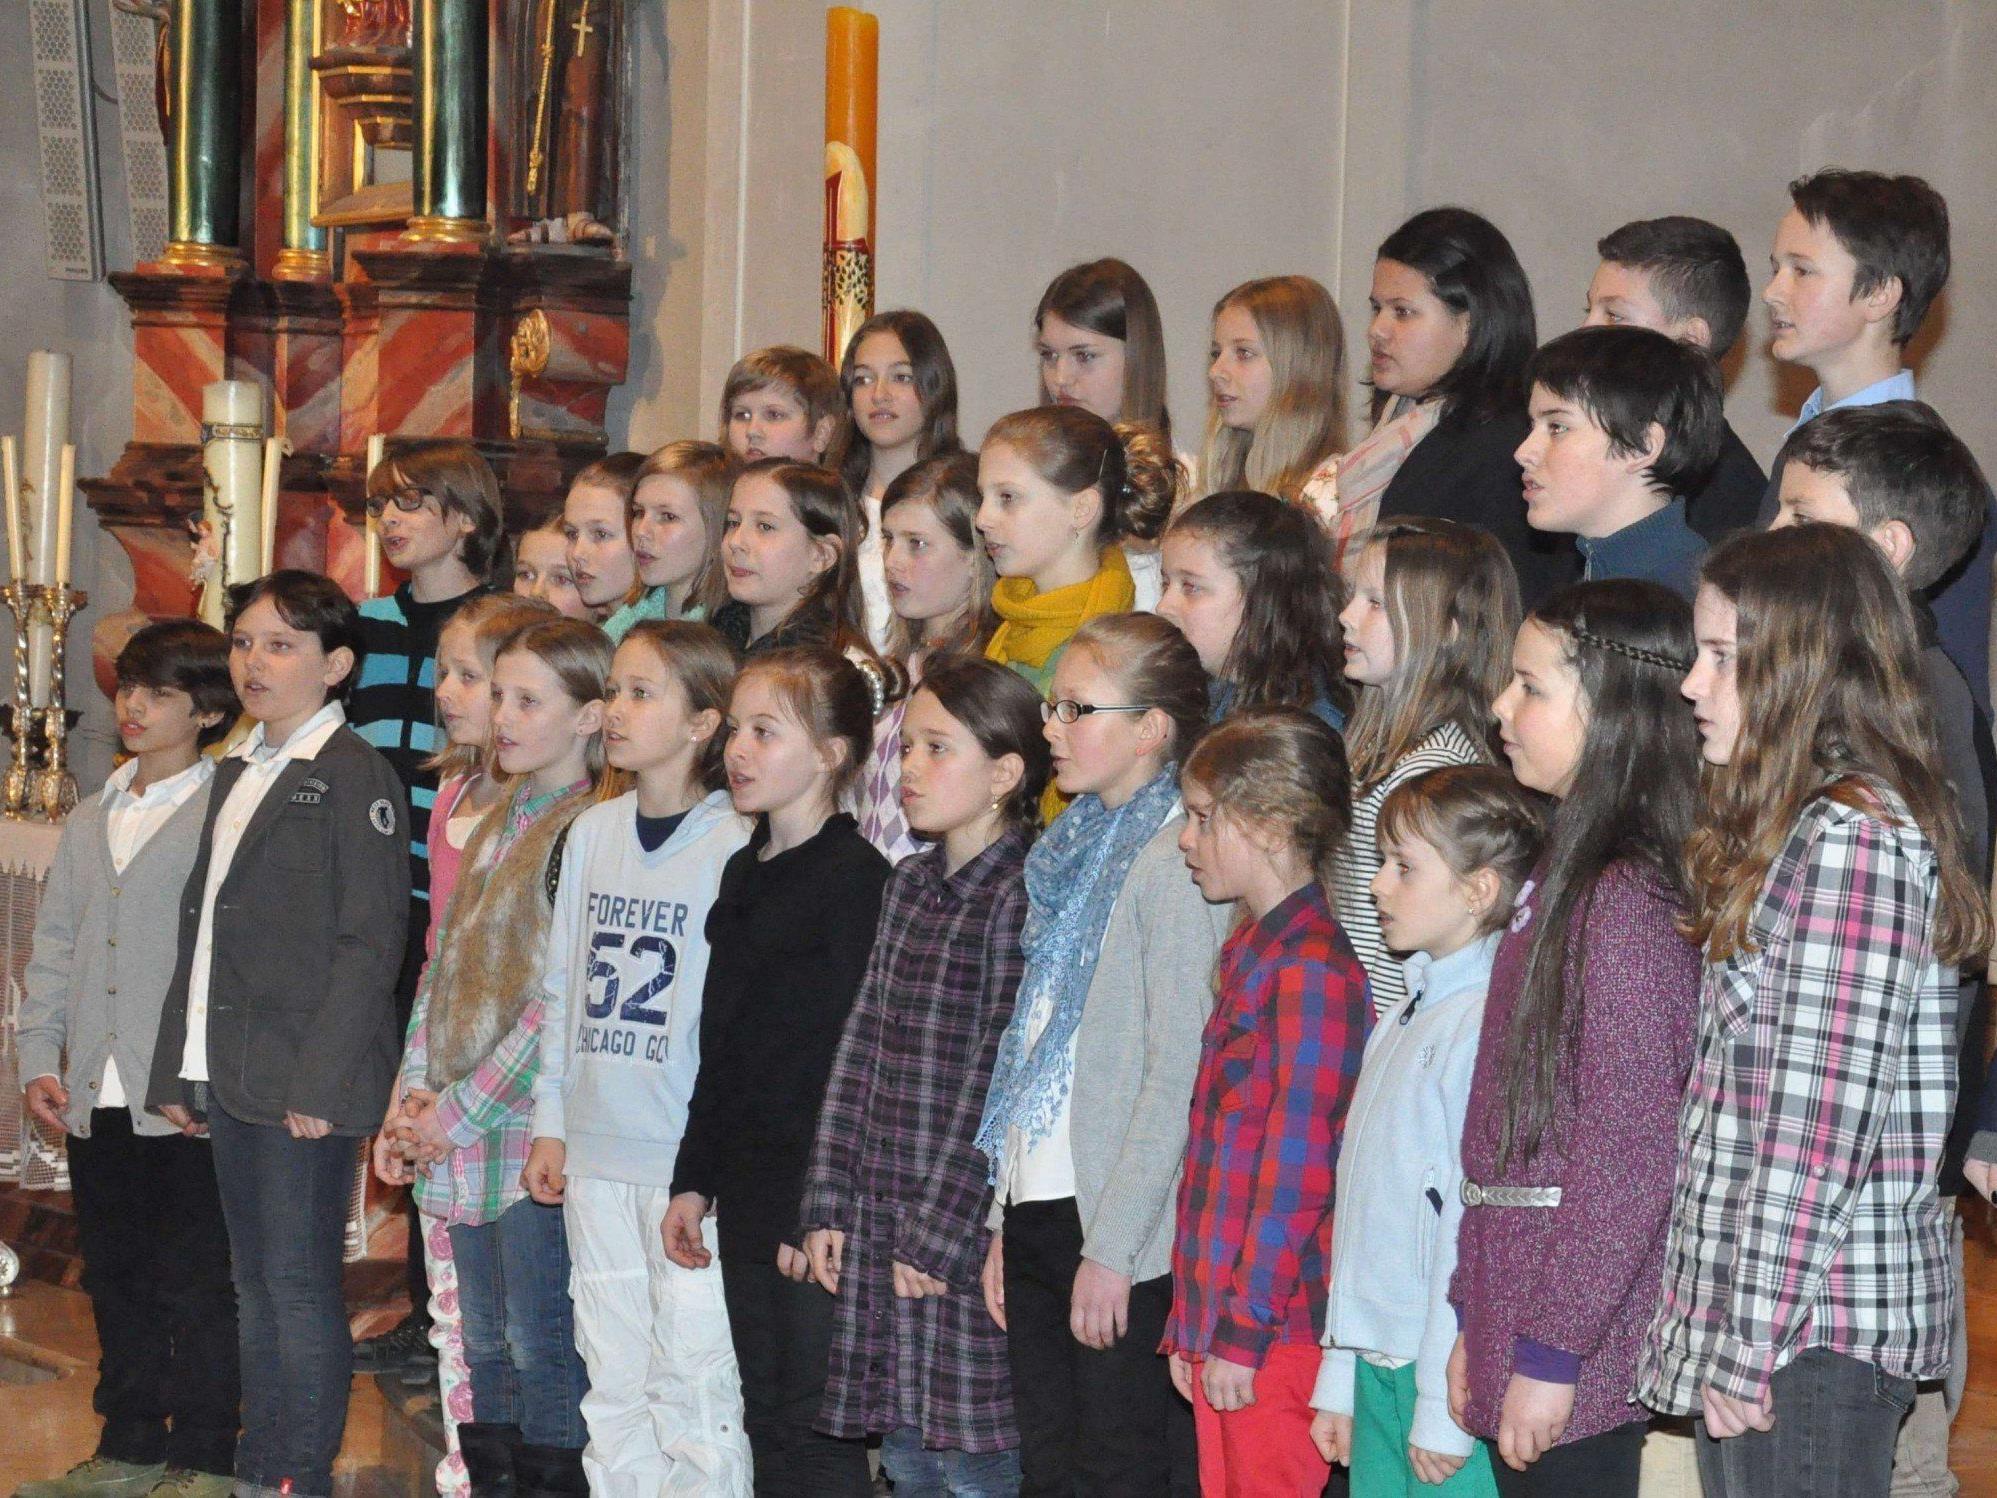 Auch die Kinder proben eifrig für ihren großen Chor-Auftritt.